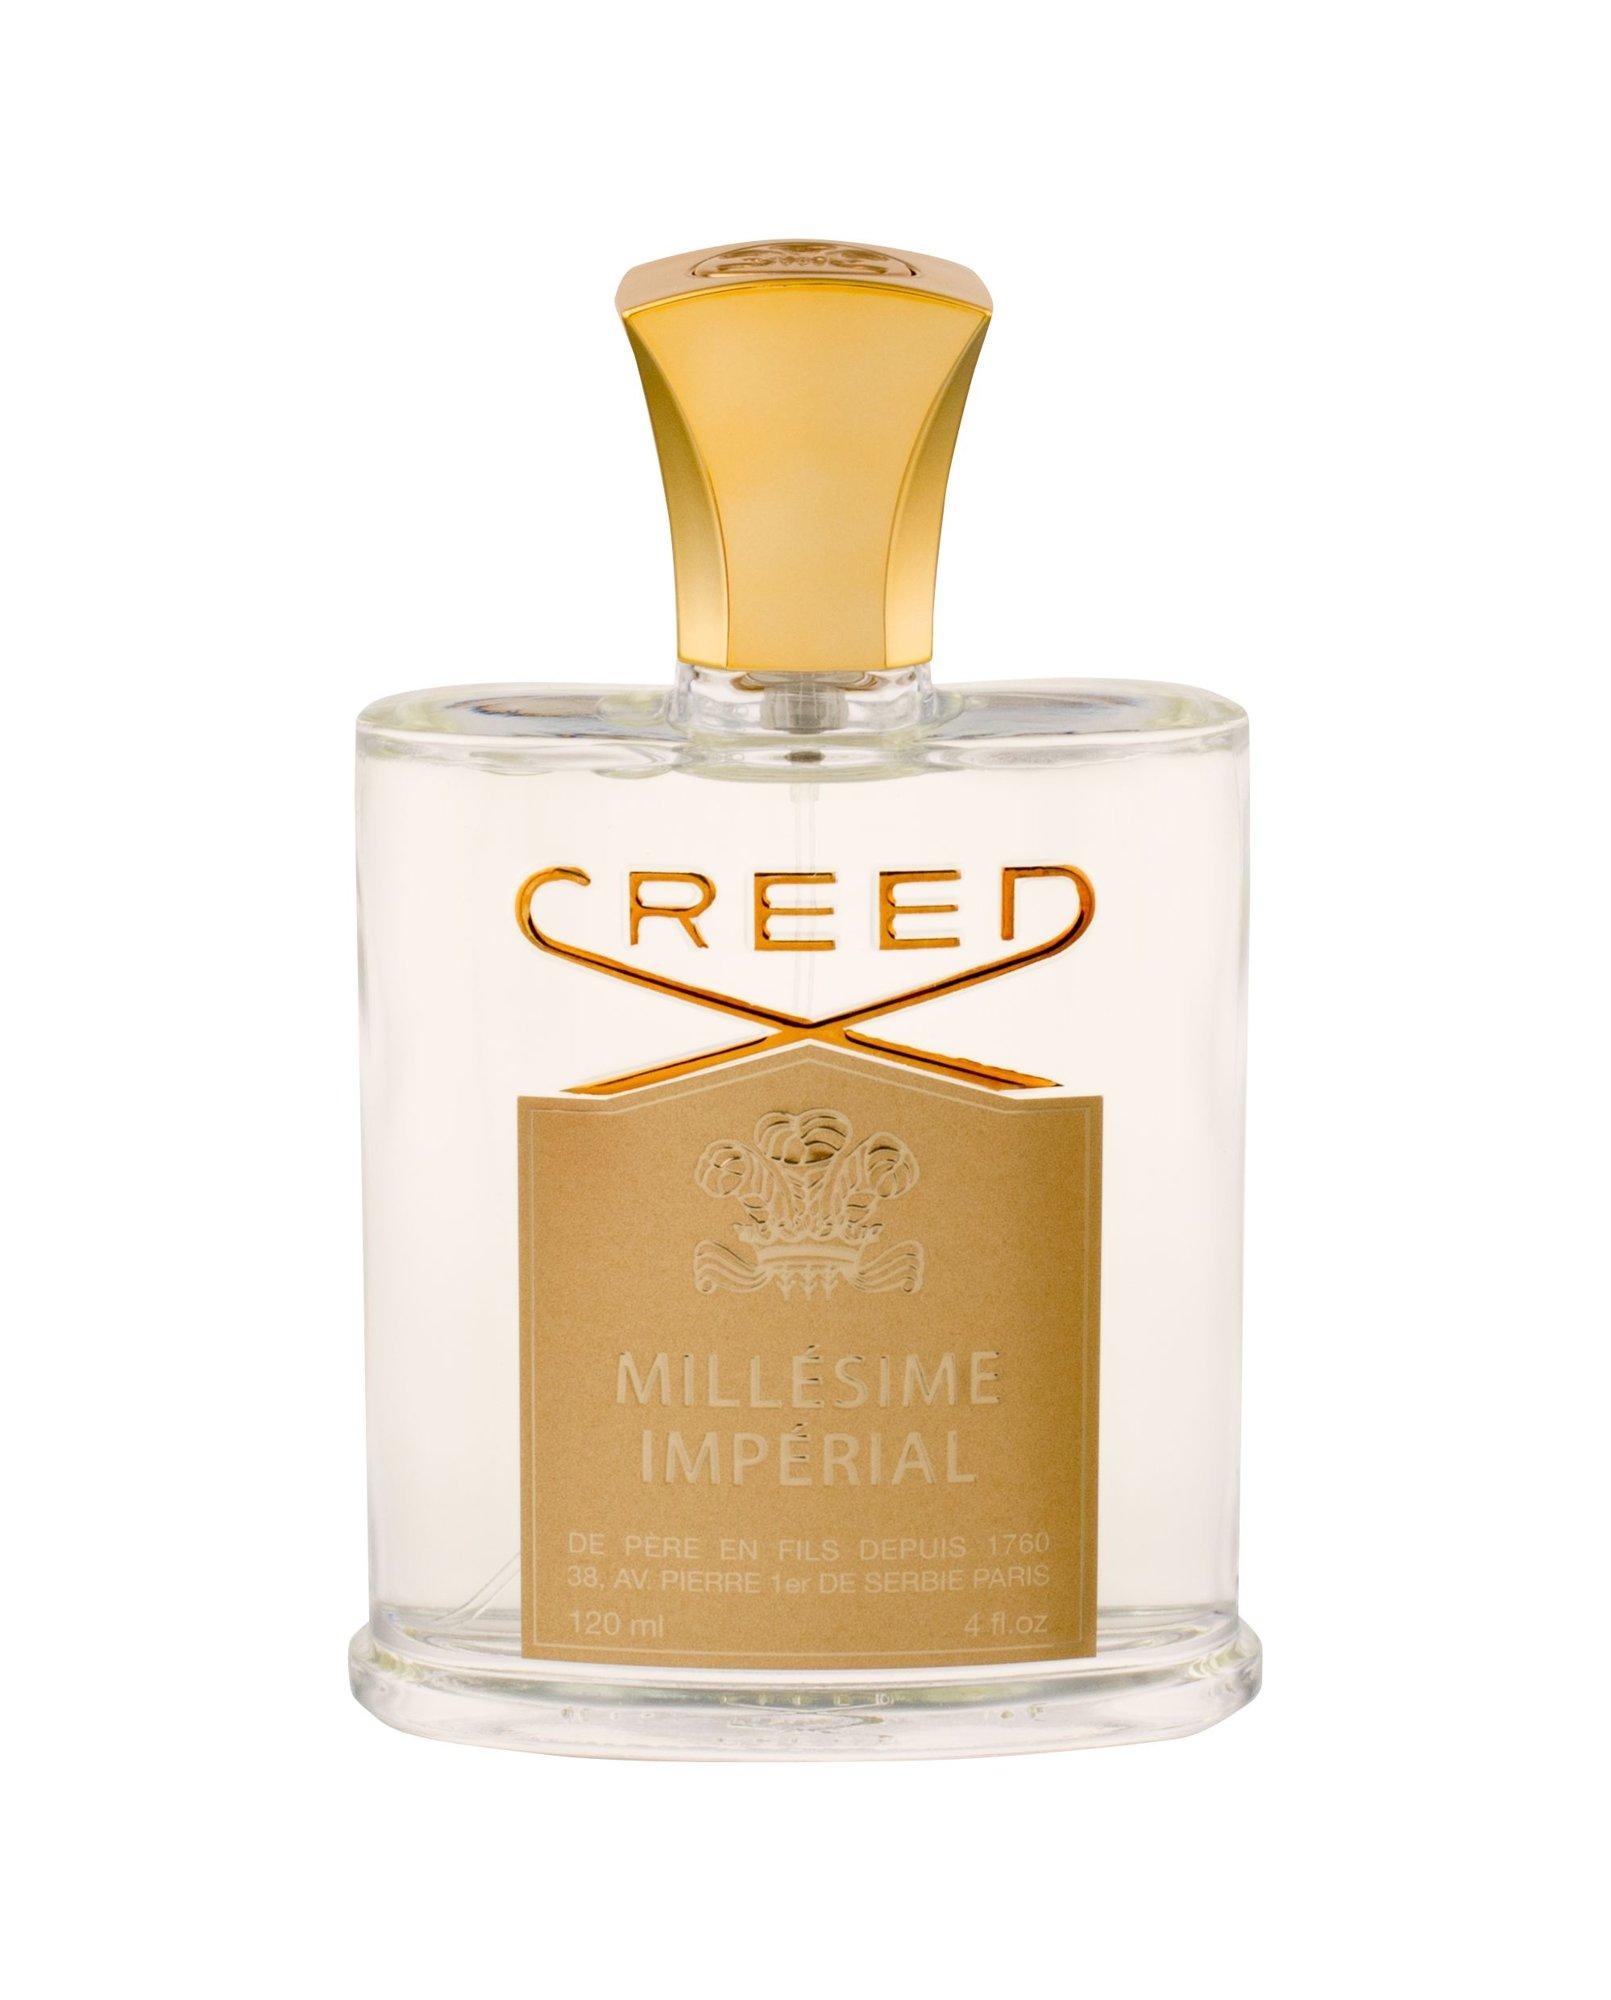 Creed Millésime Impérial Eau de Parfum 120ml